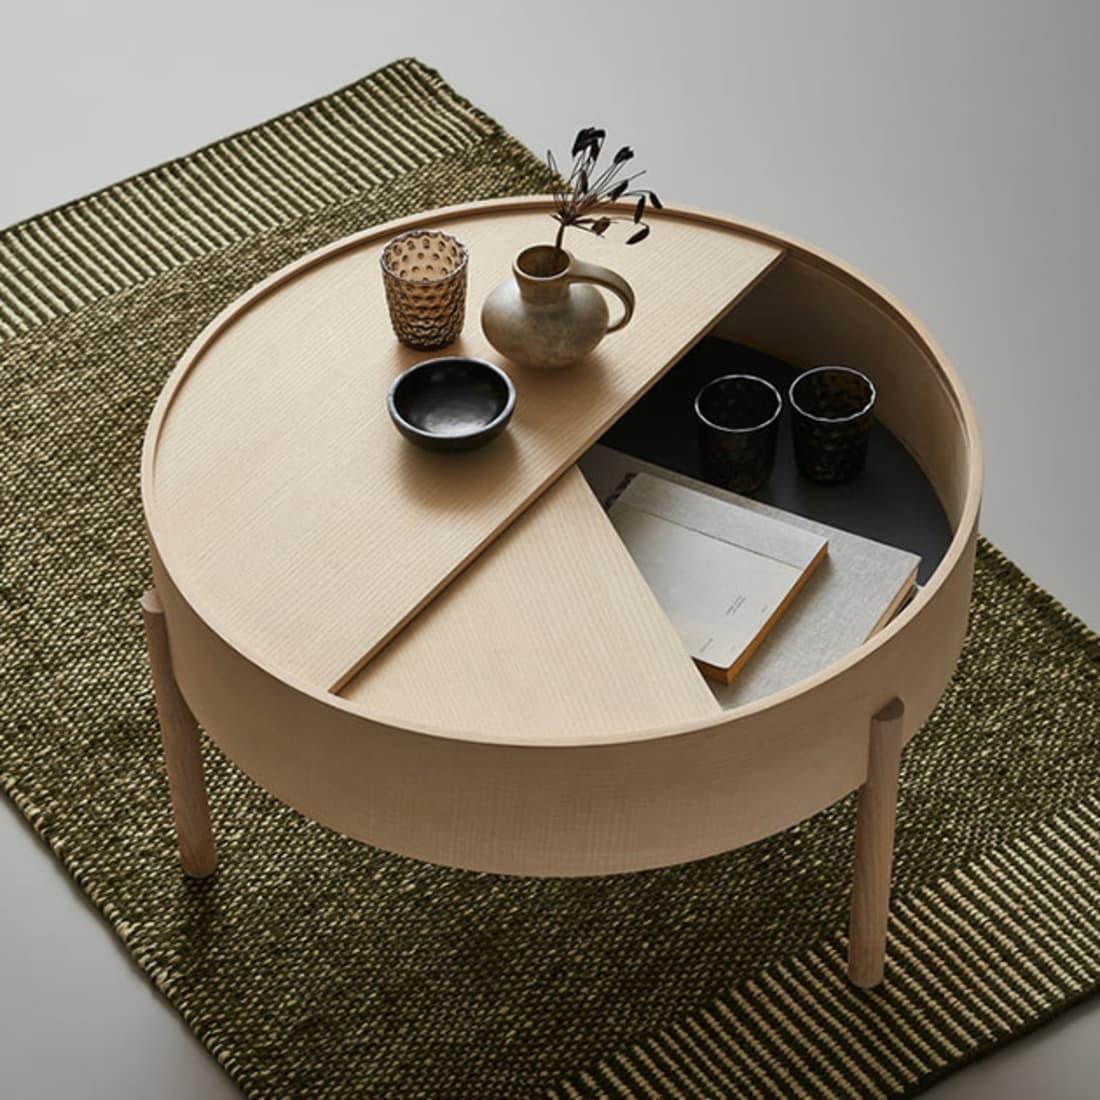 Arc Beistelltisch von Woud die Tischserie mit Stauraum